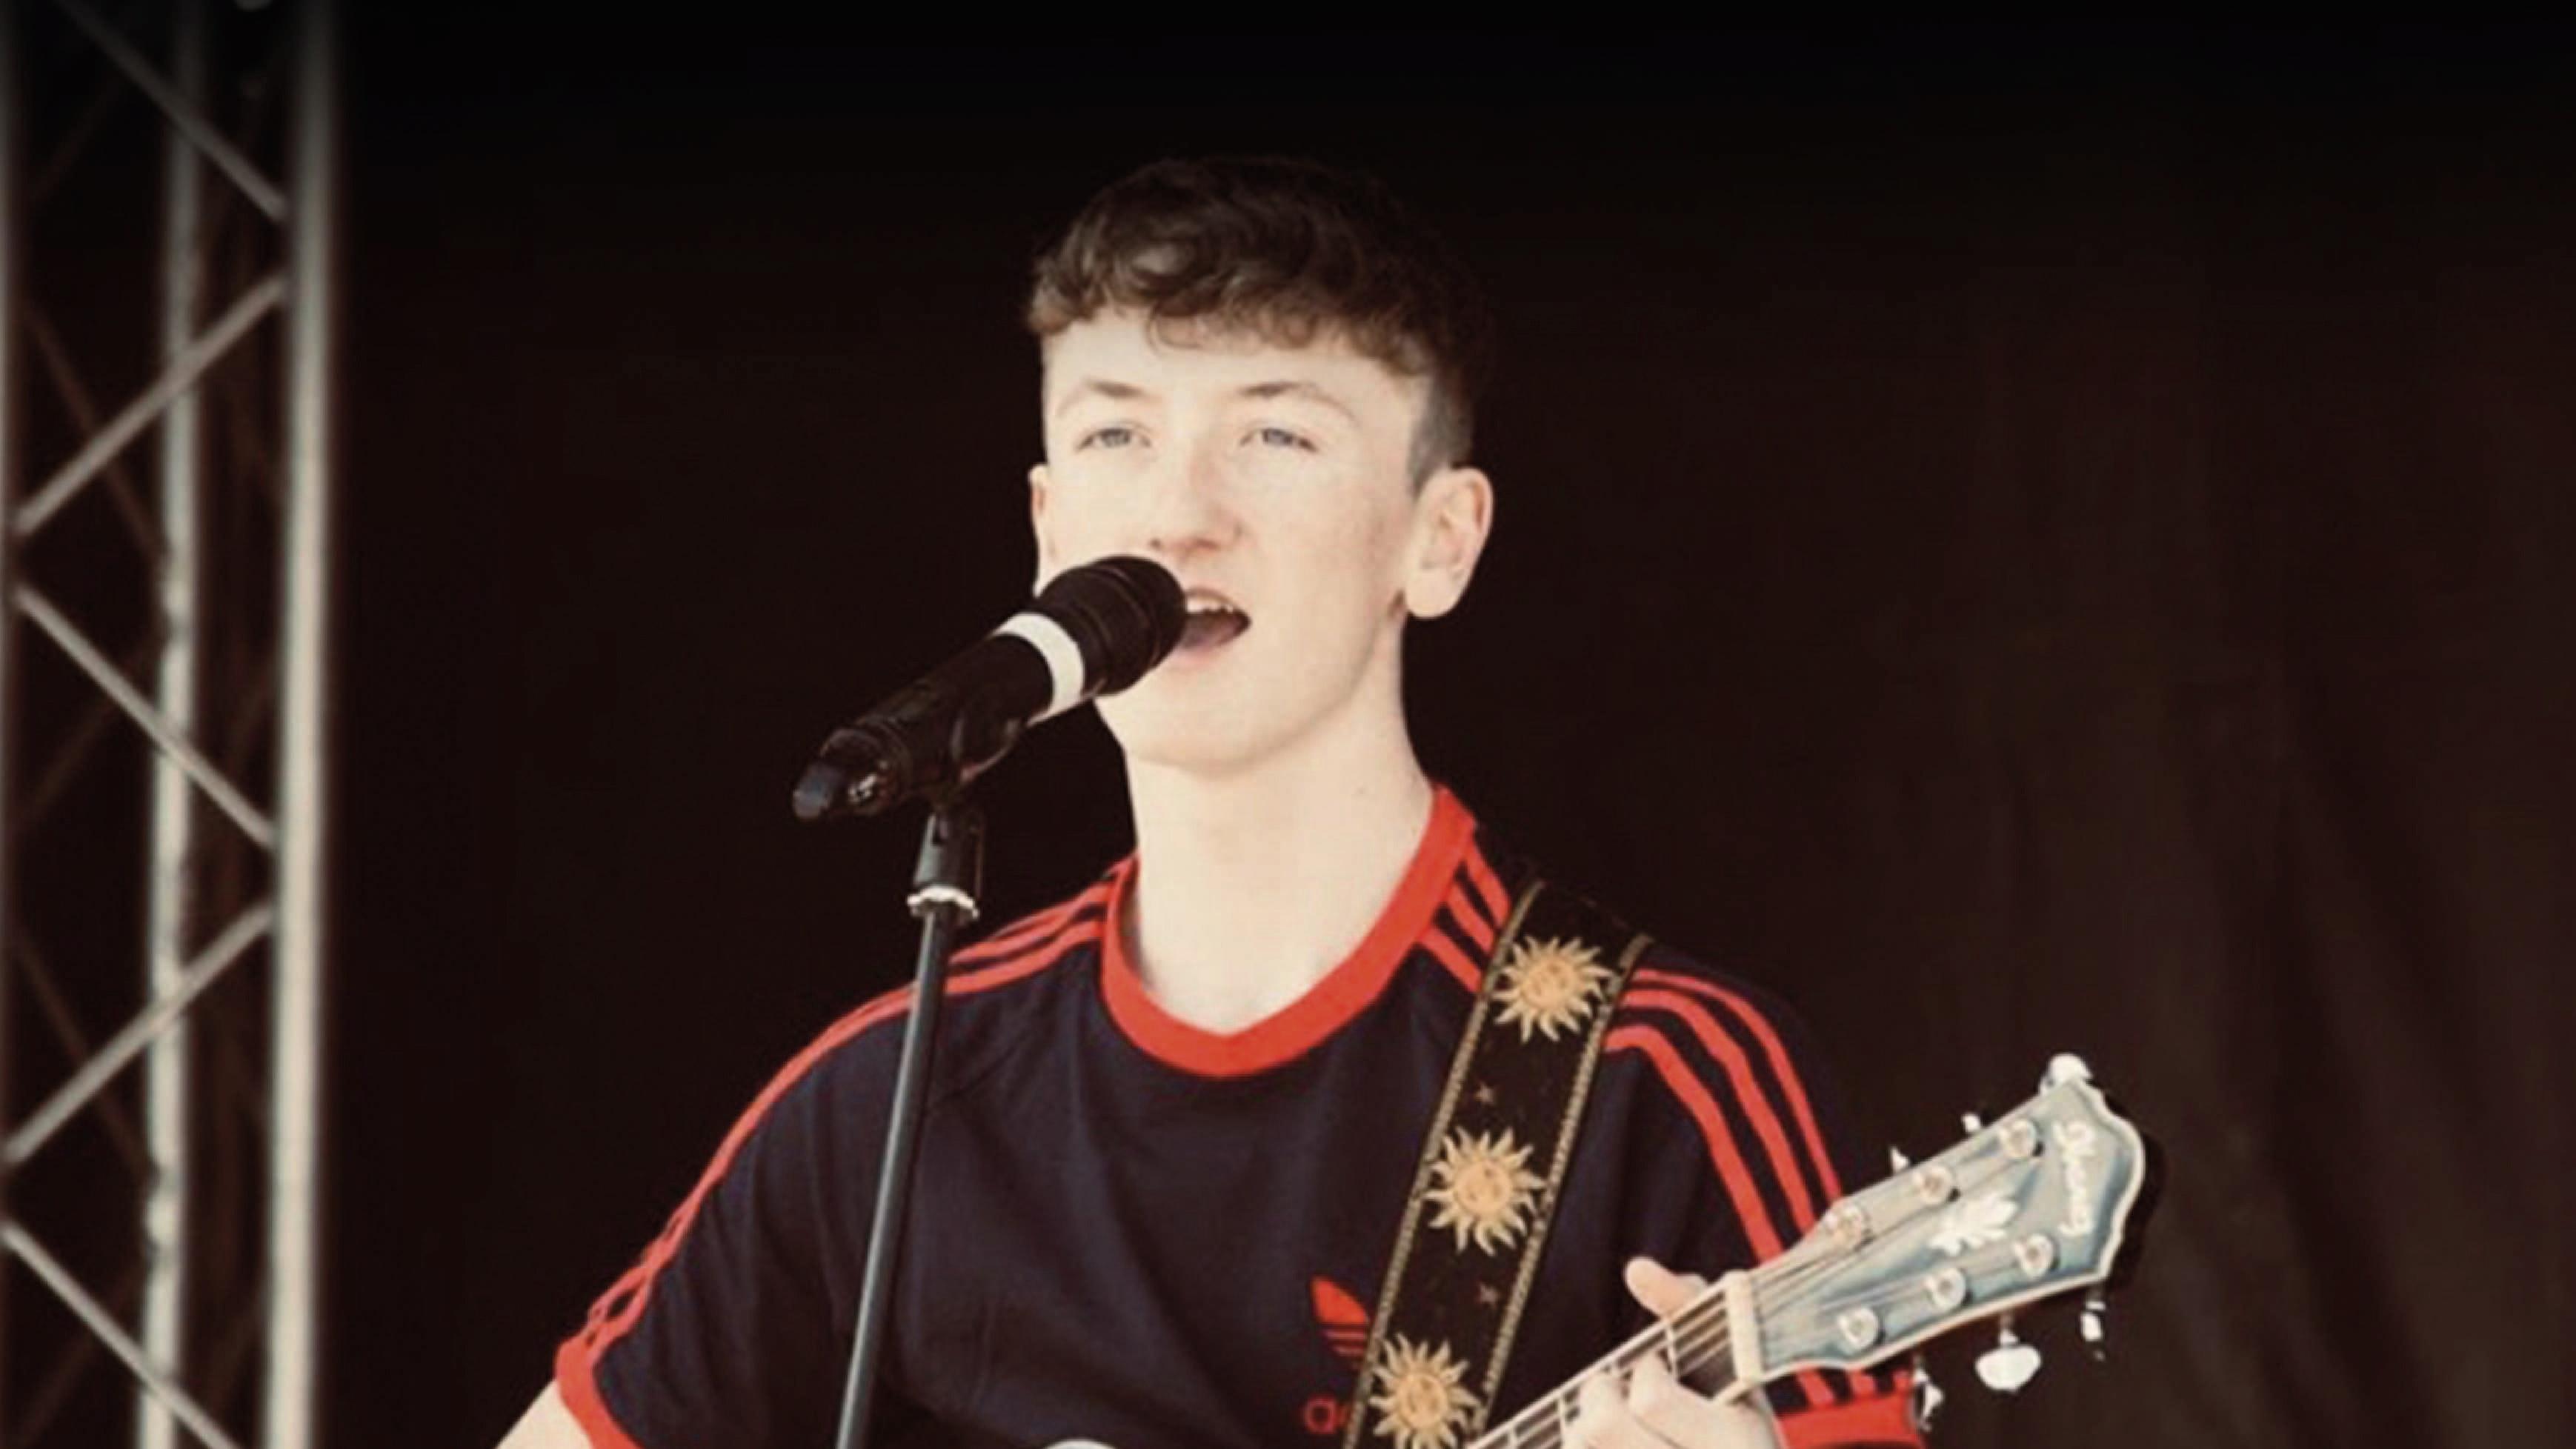 Cameron Ledwidge at Garage (Attic Bar), Glasgow